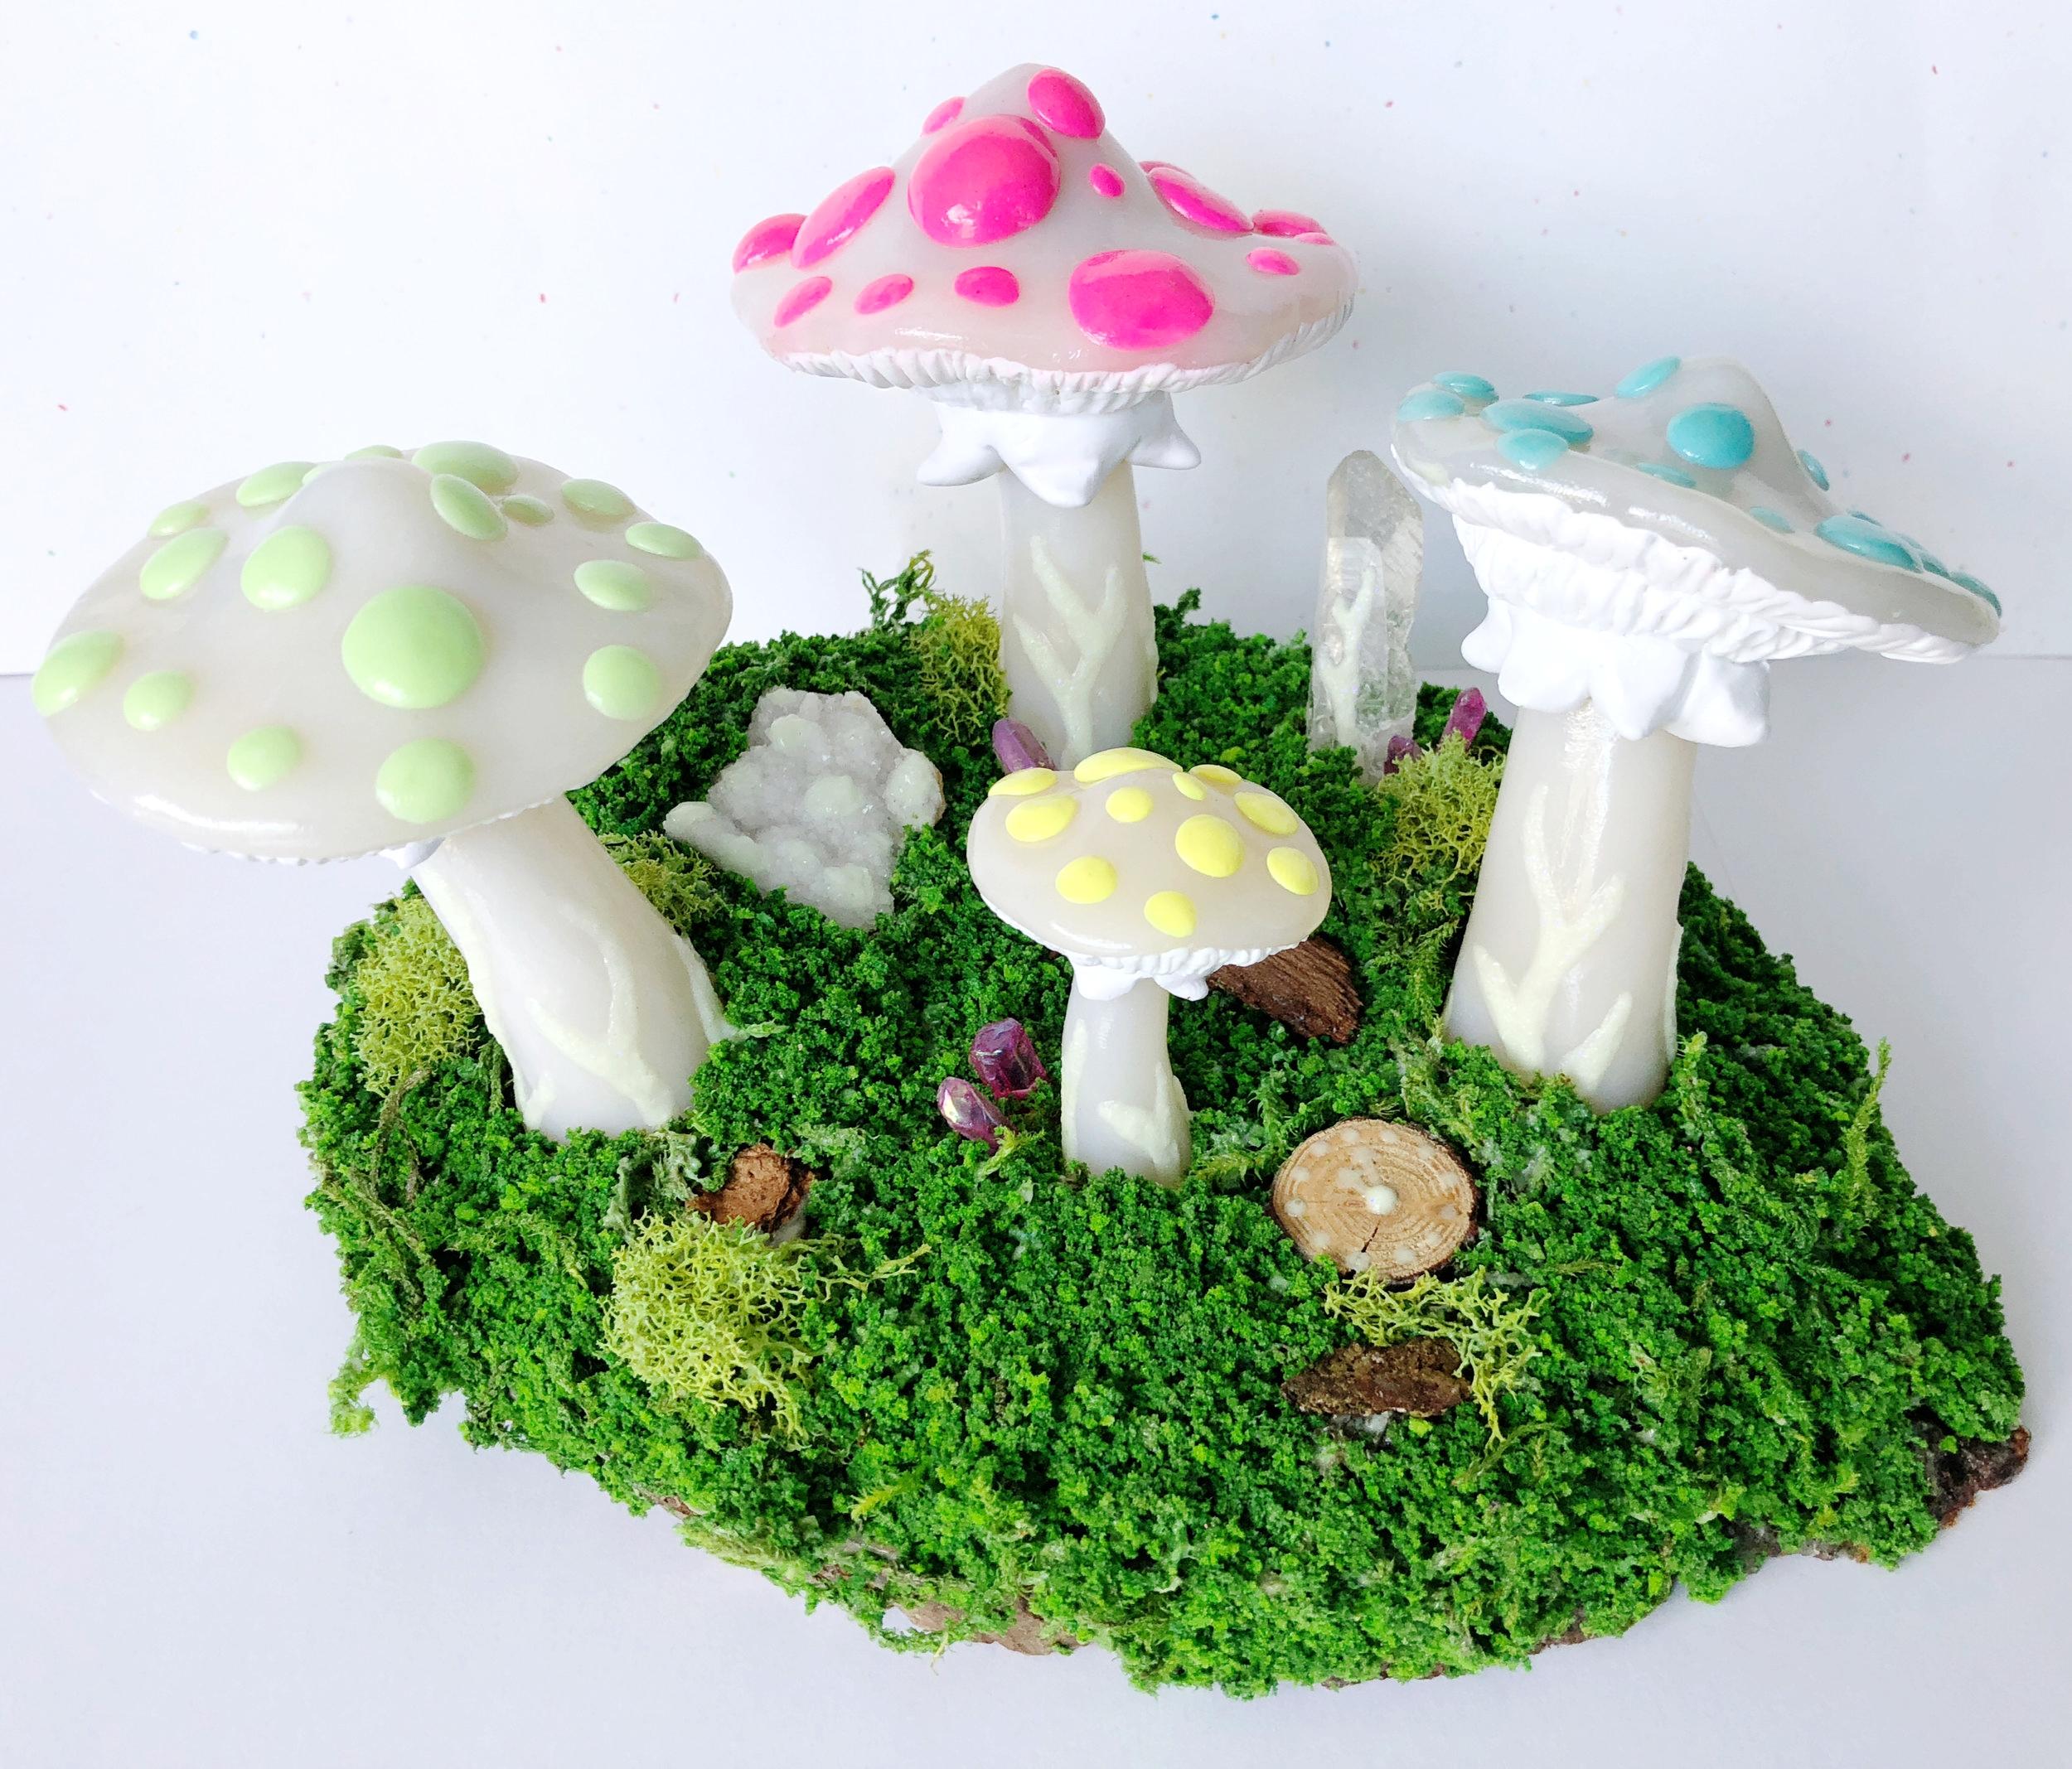 Mushroom Kingdom - JD Shanley.jpg